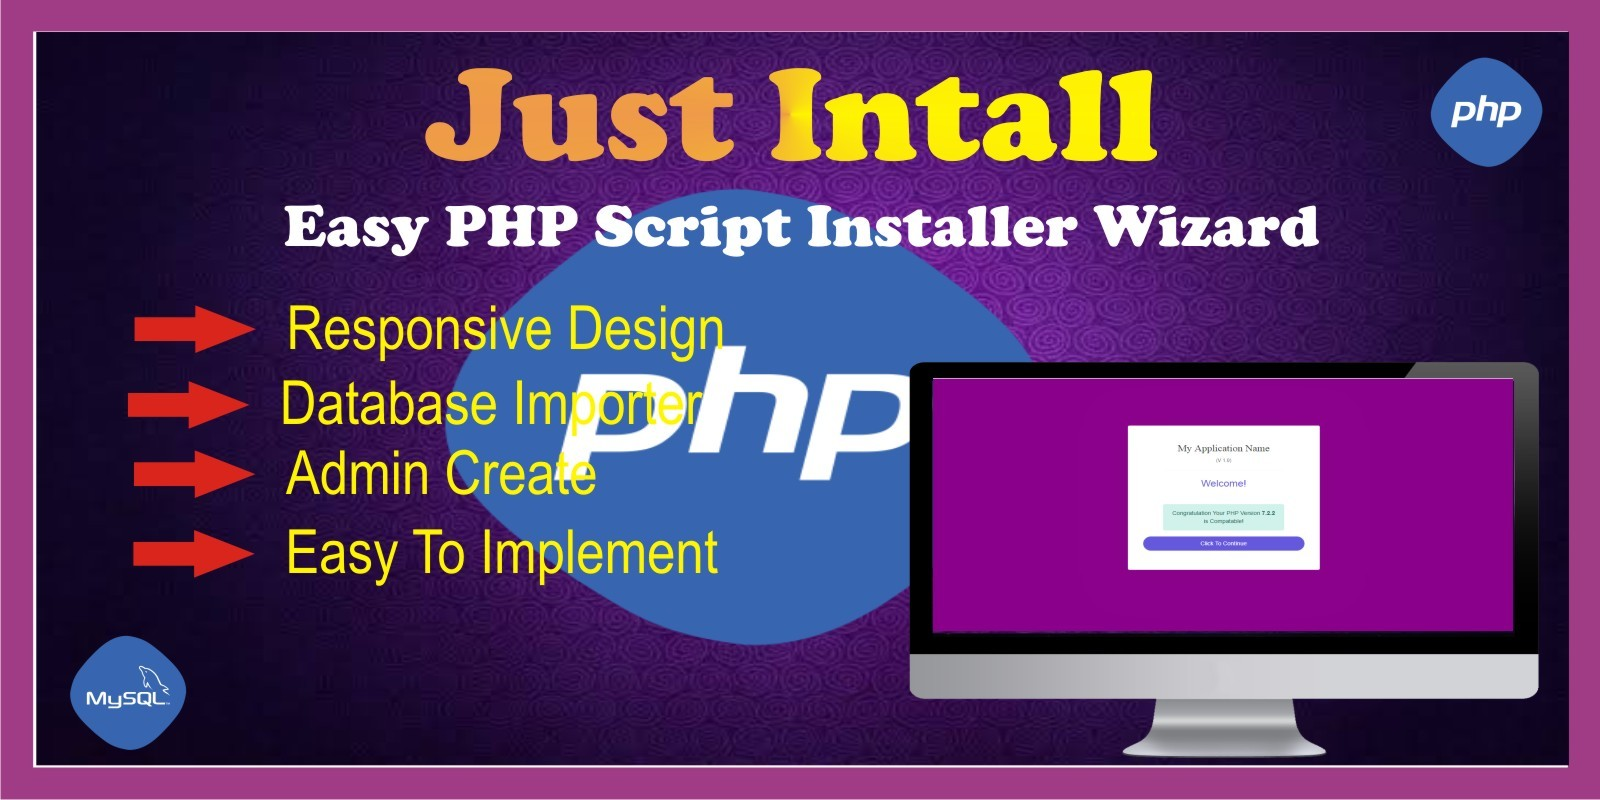 Just Install PHP Script Installer